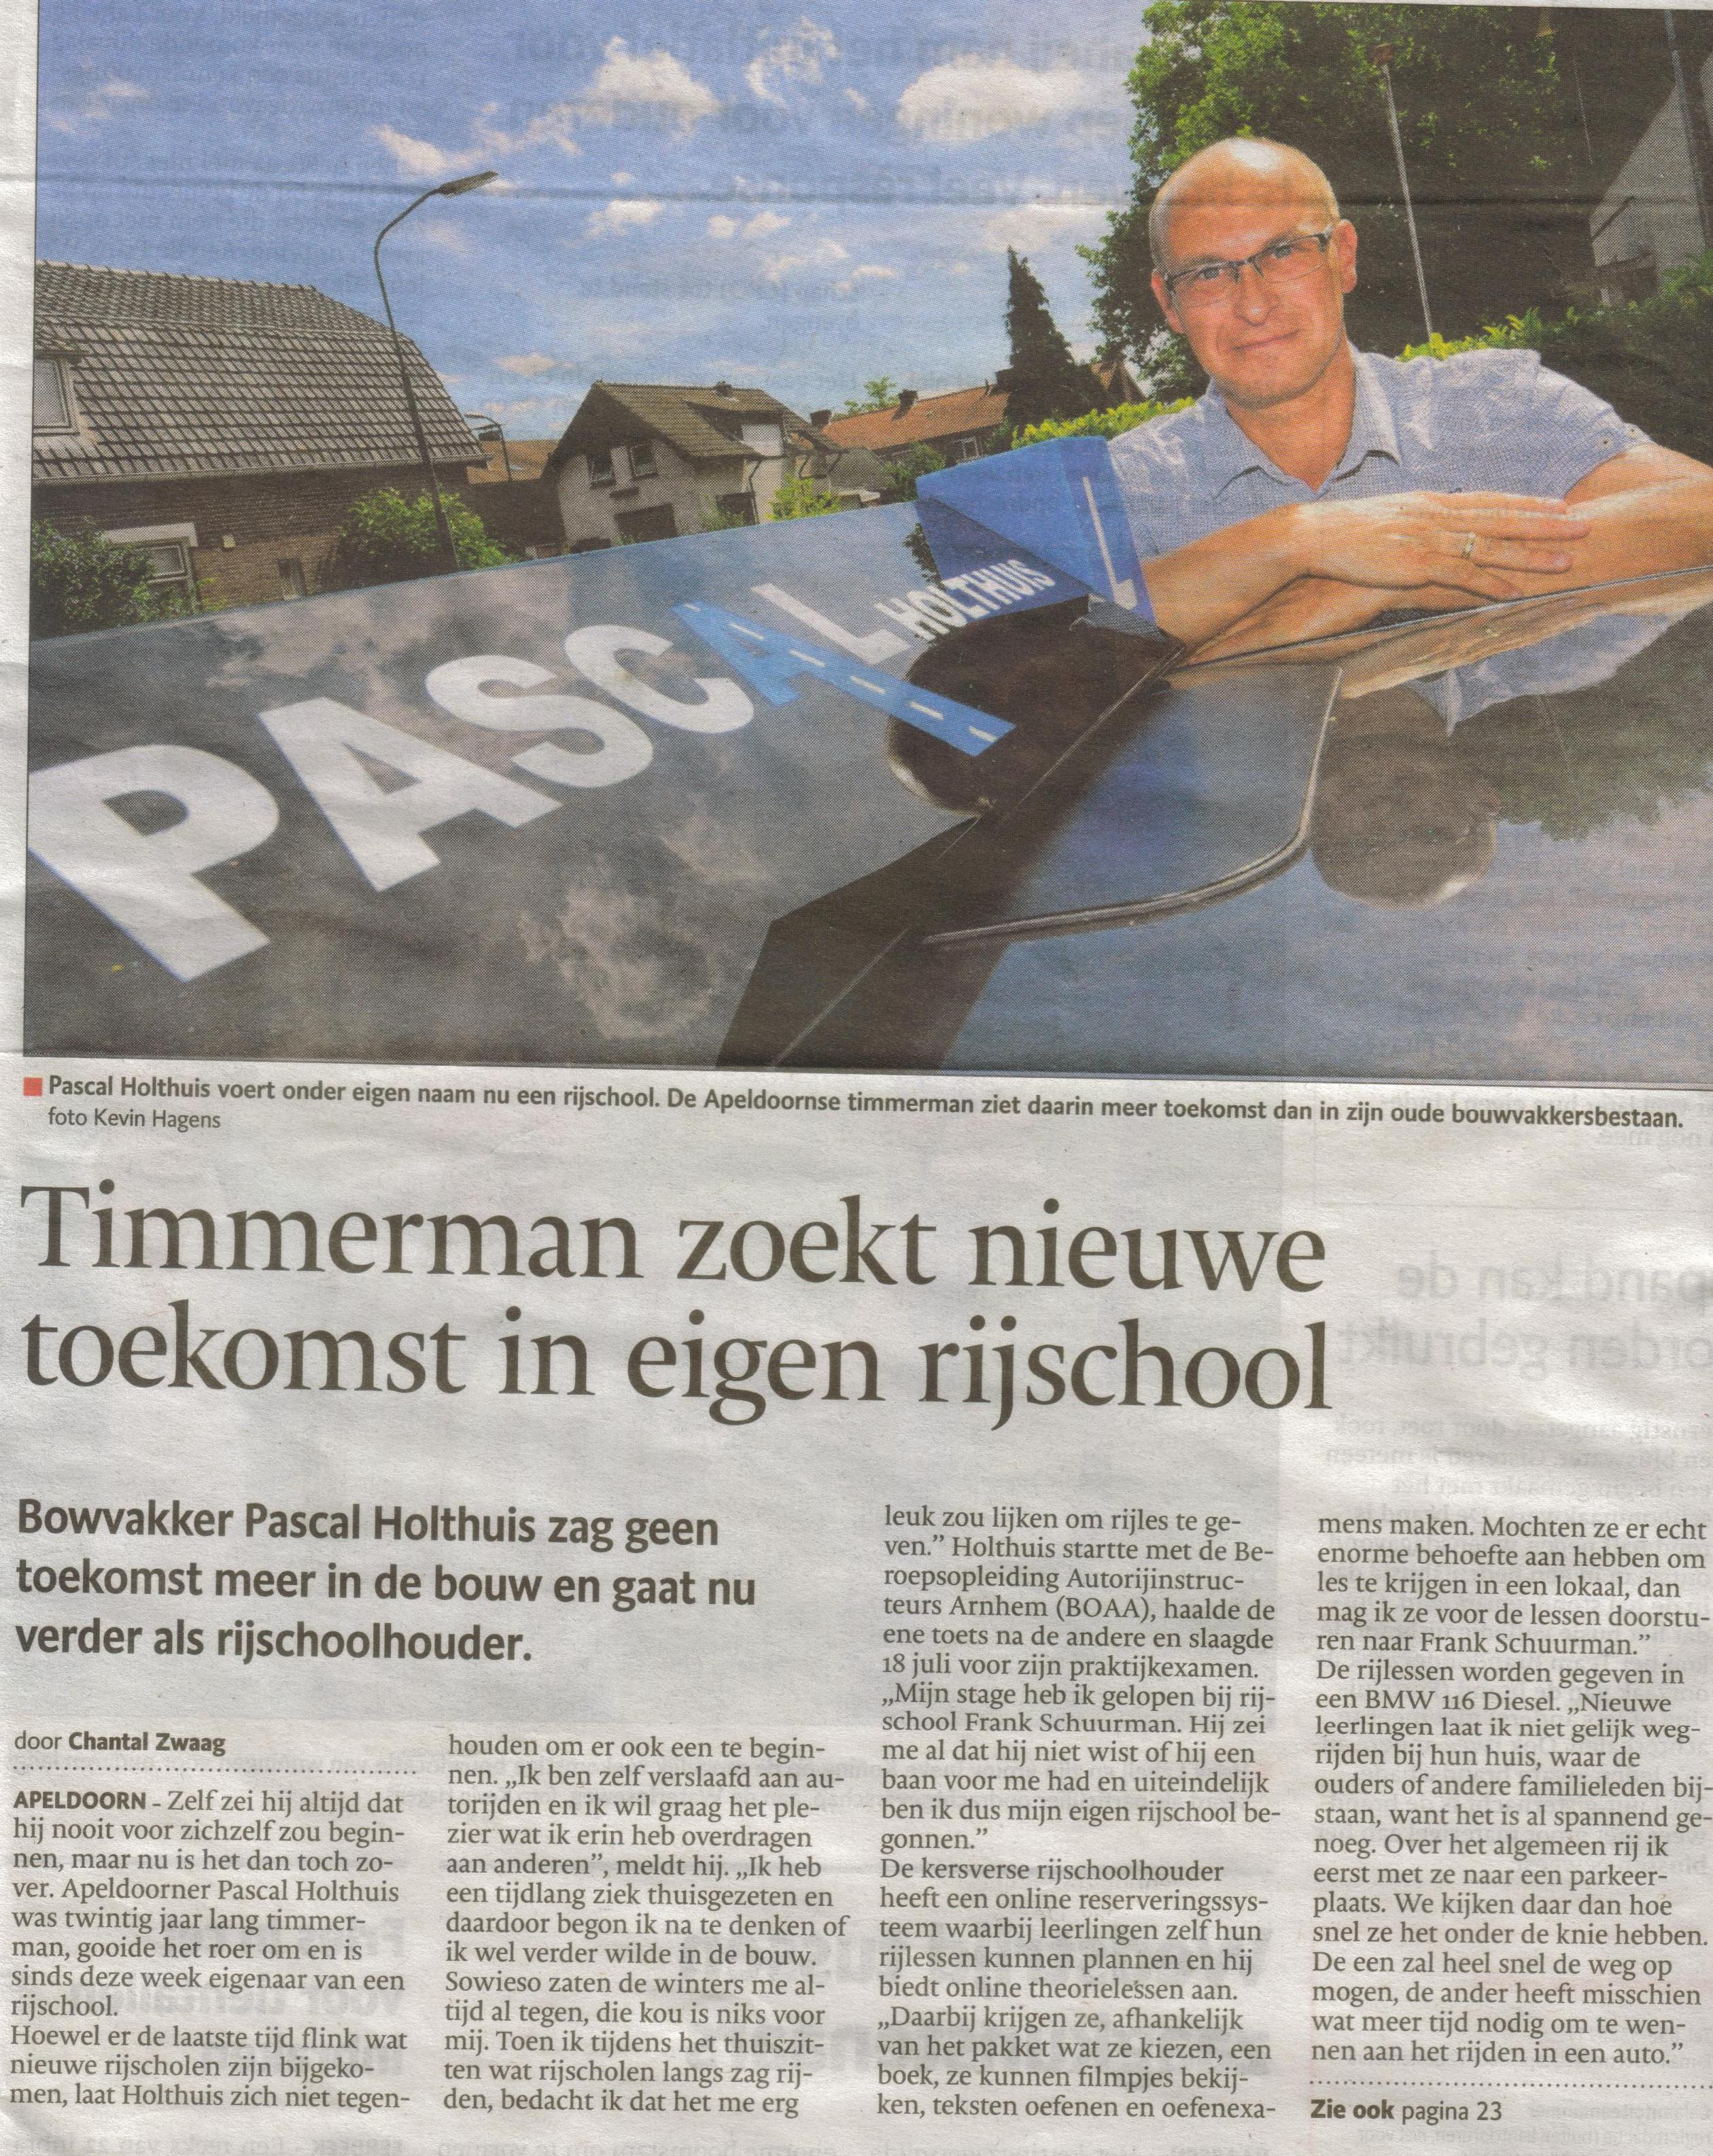 Bron: De Stentor Apeldoorn 9 augustus 2013